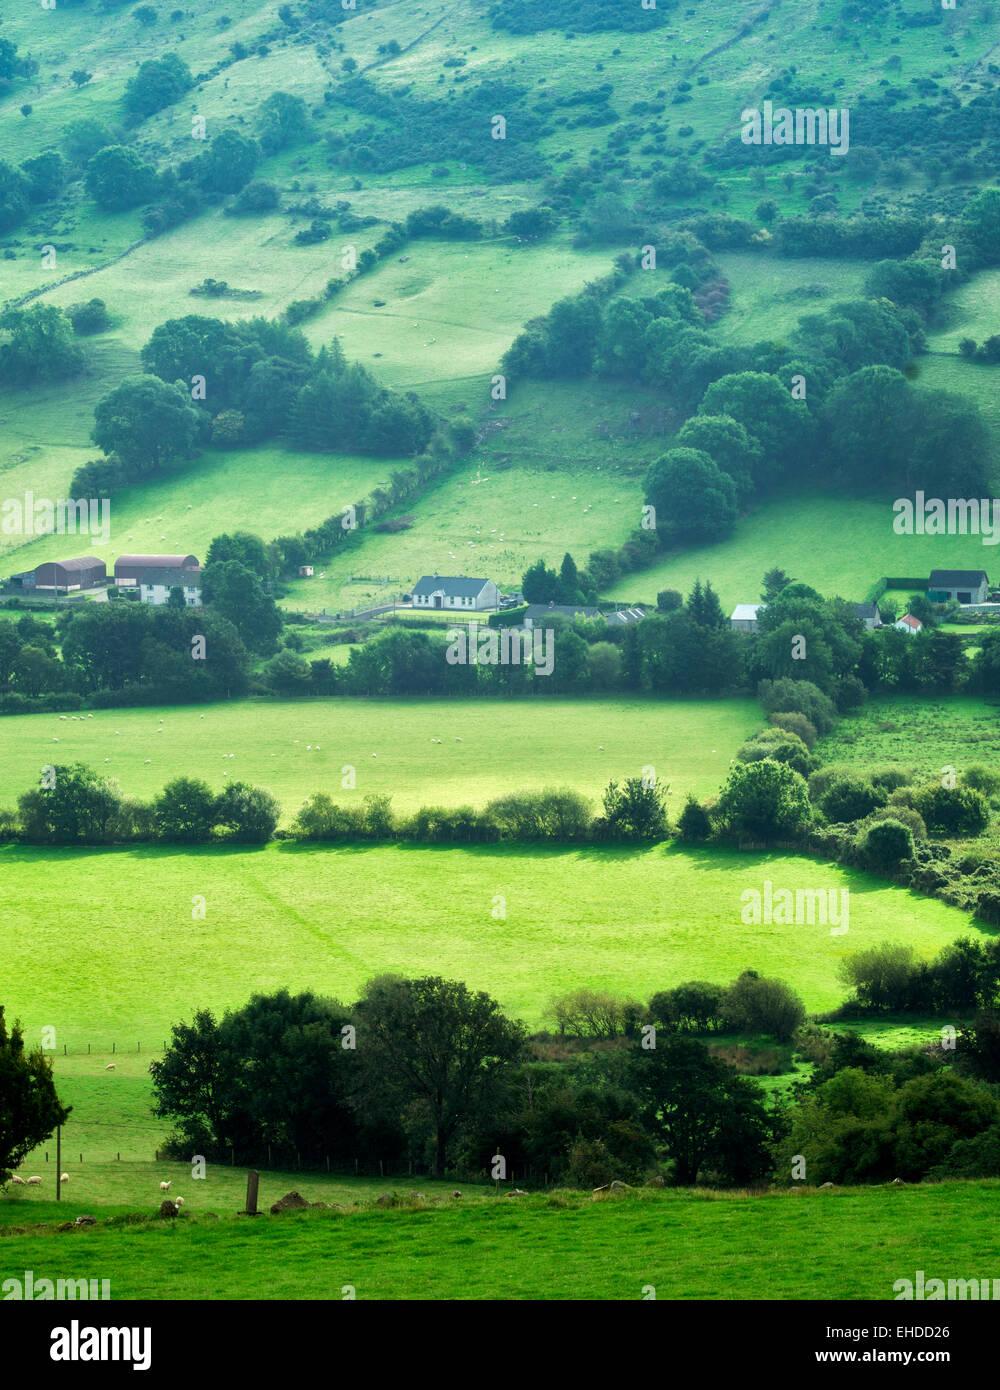 Vallée de Glenariff Forest Park Glenariff, Irlande du Nord Banque D'Images